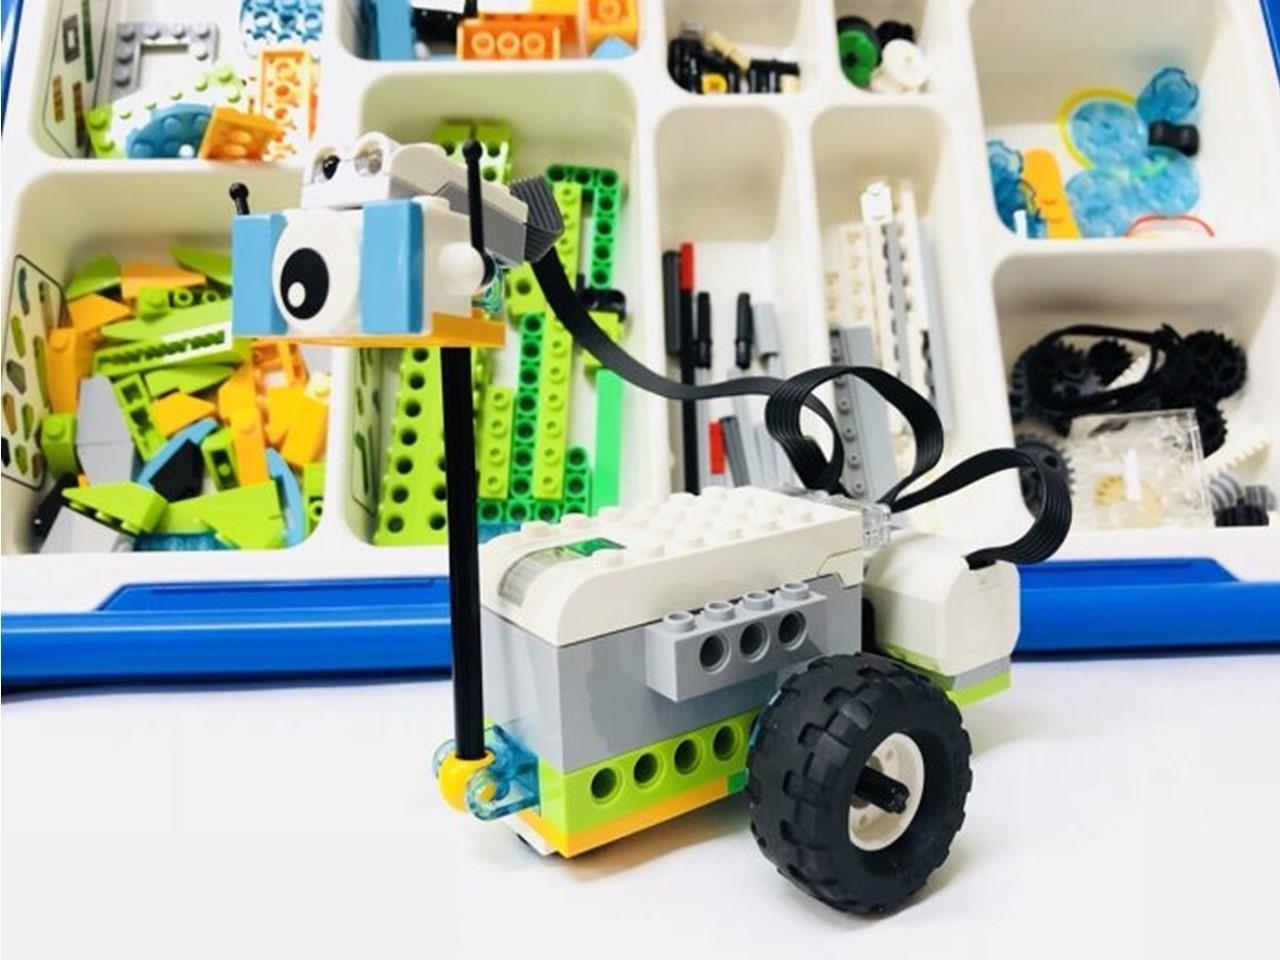 レゴ®WeDo2.0を使った入門プログラミング教室【北】2019年5月12日(日)